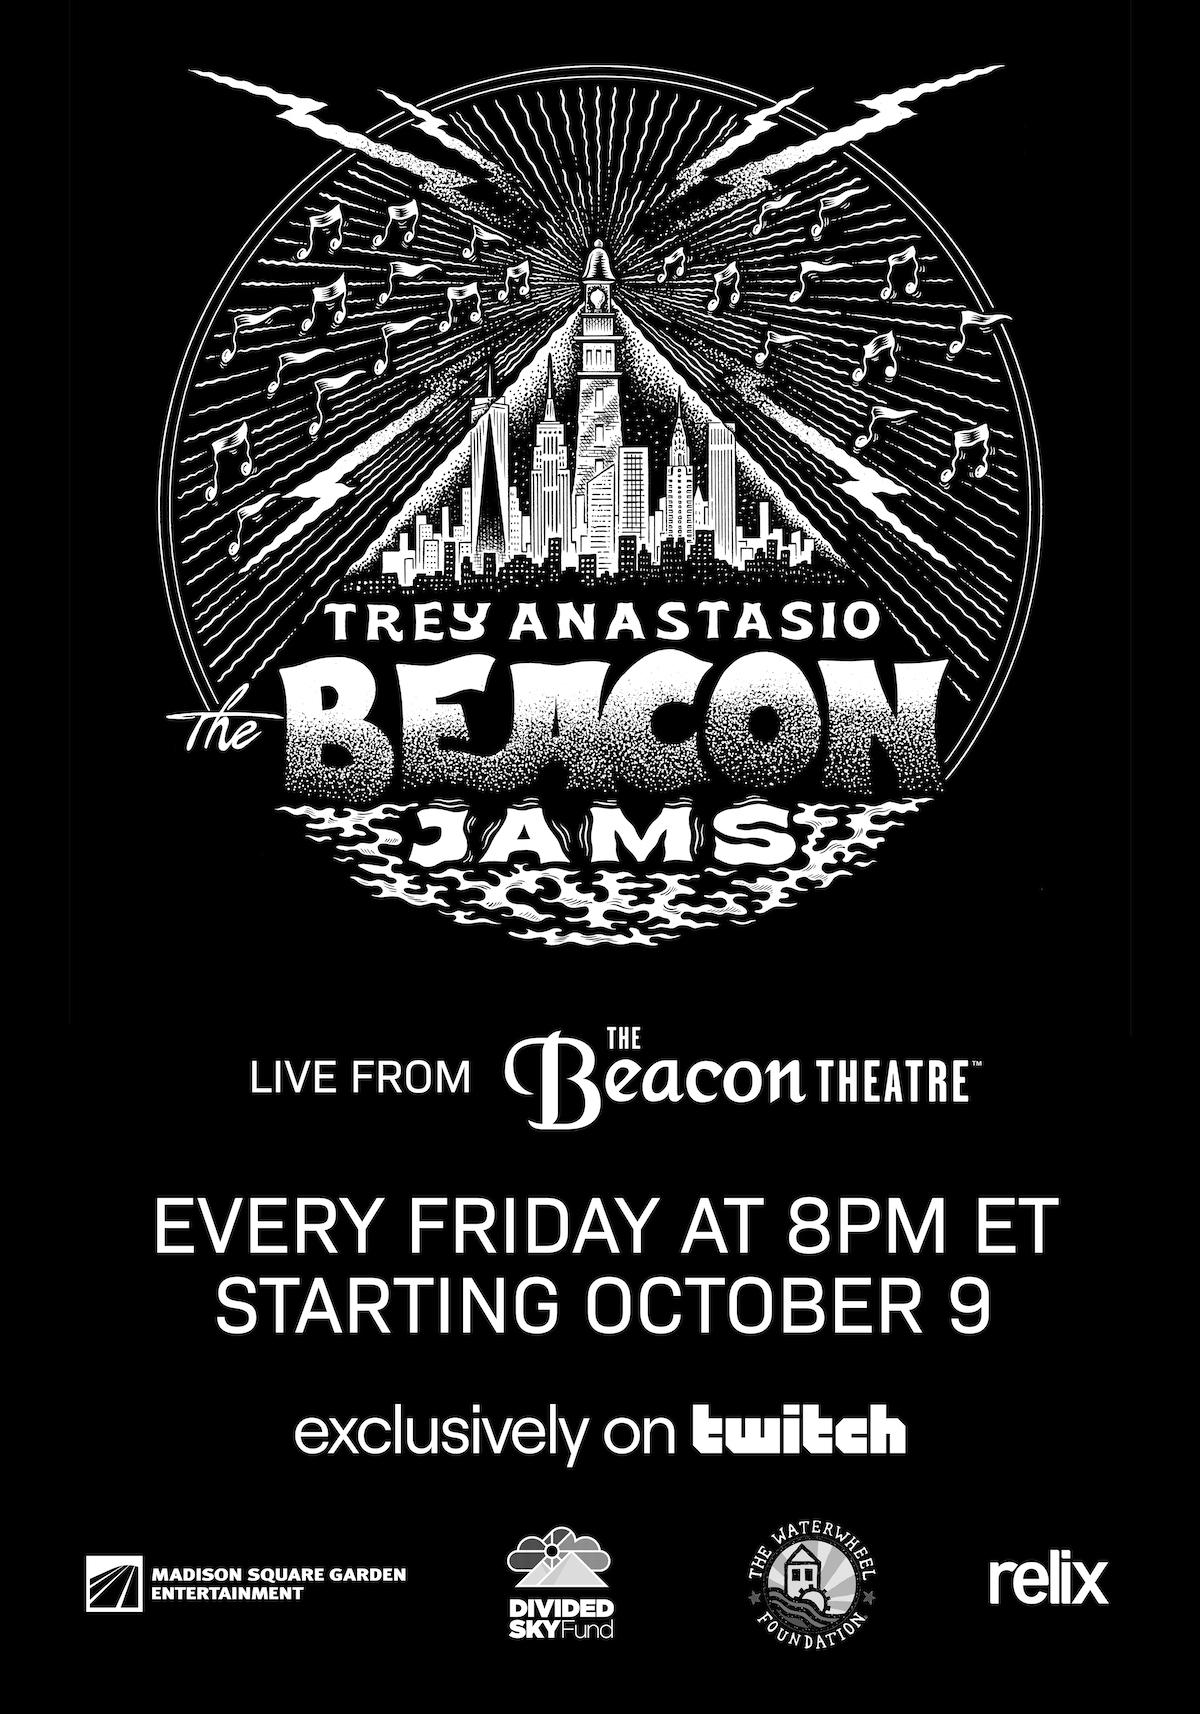 the beacon jams trey anastasio virtual residency poster